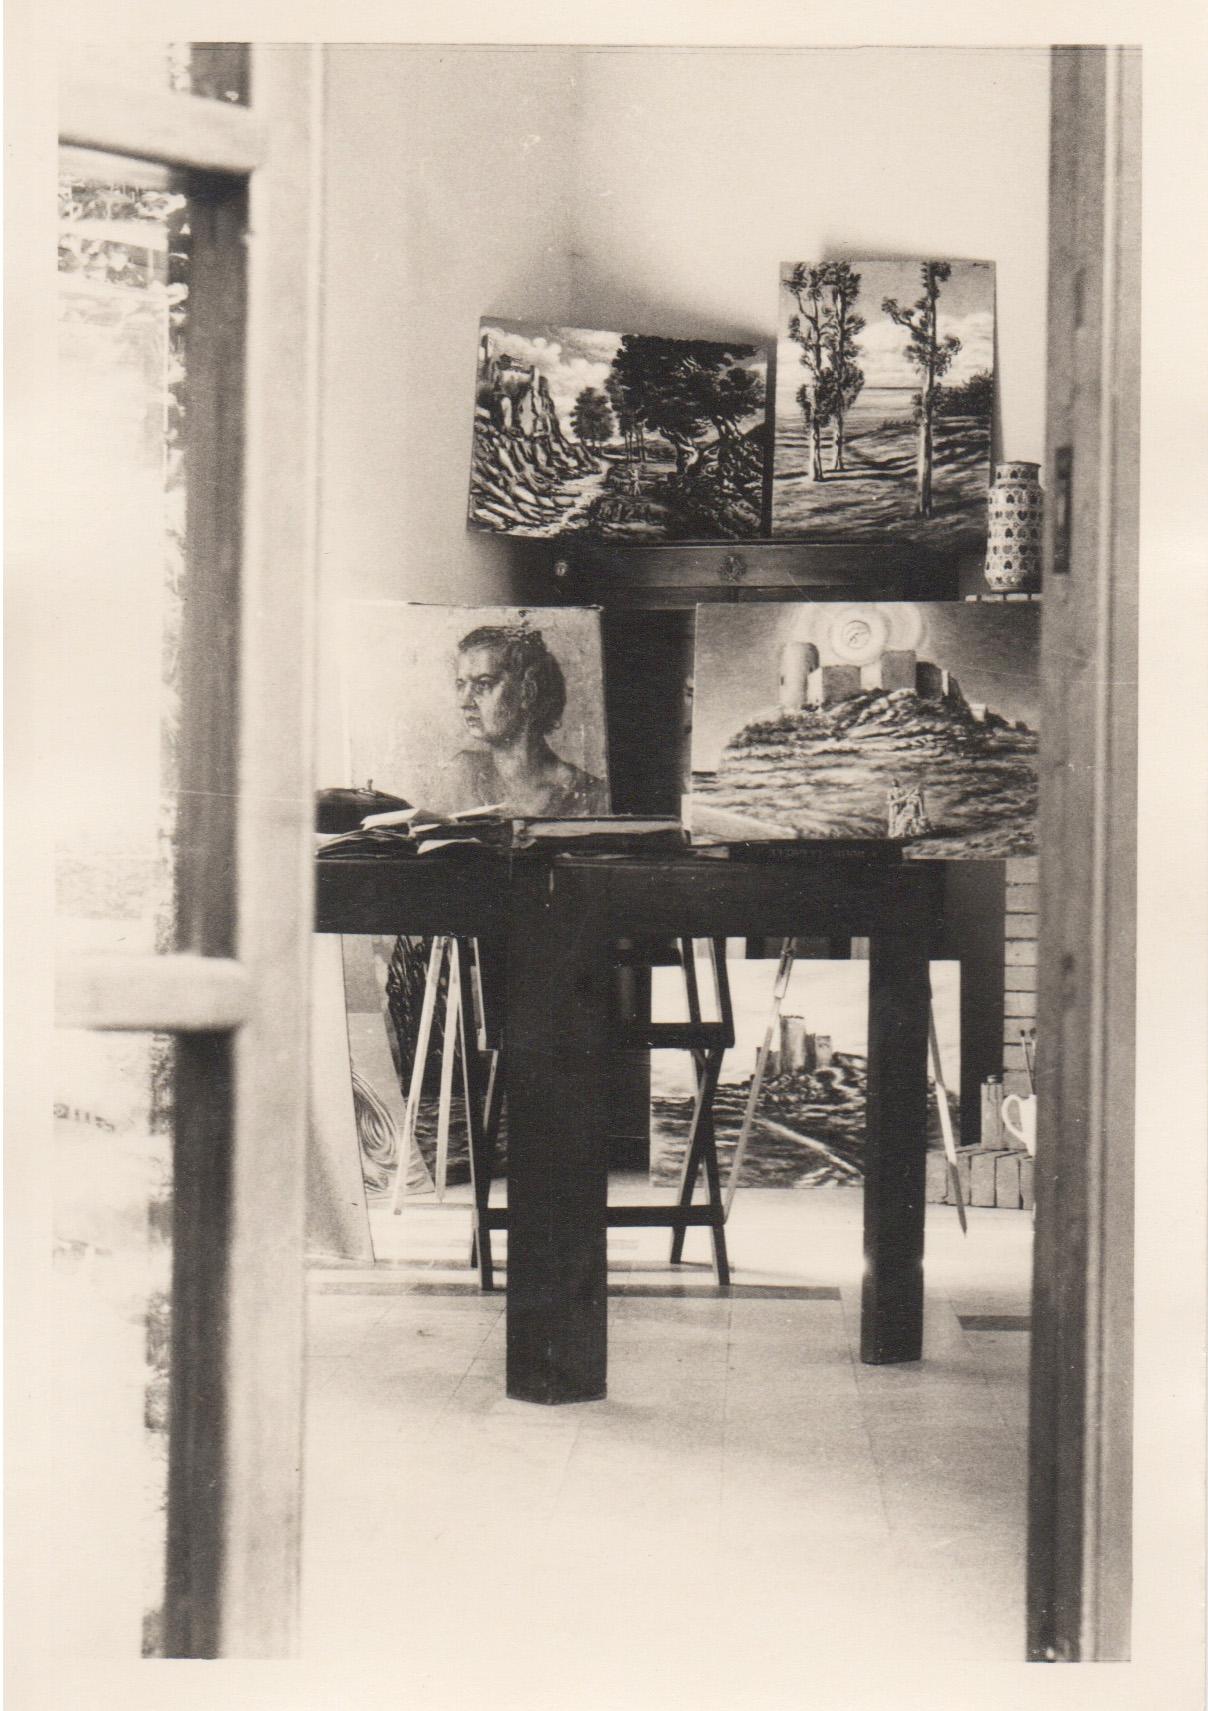 Poveromo, 1949 (Savinio's studio)